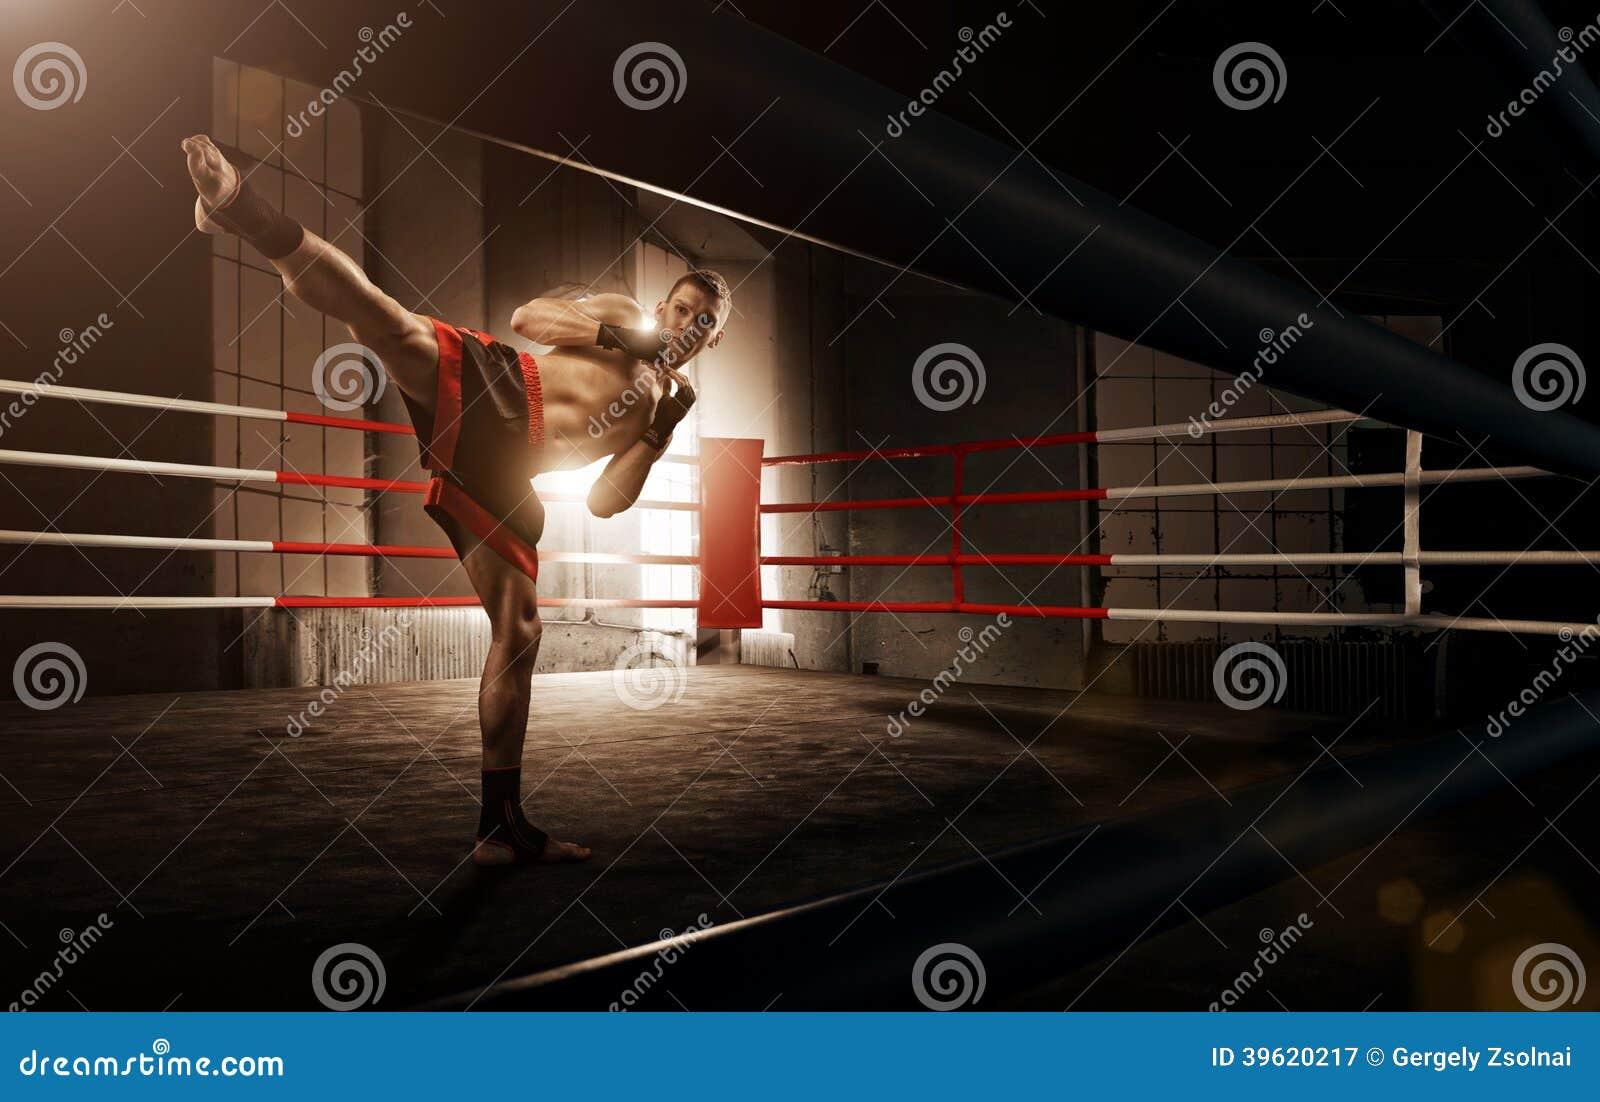 Молодой человек kickboxing в арене